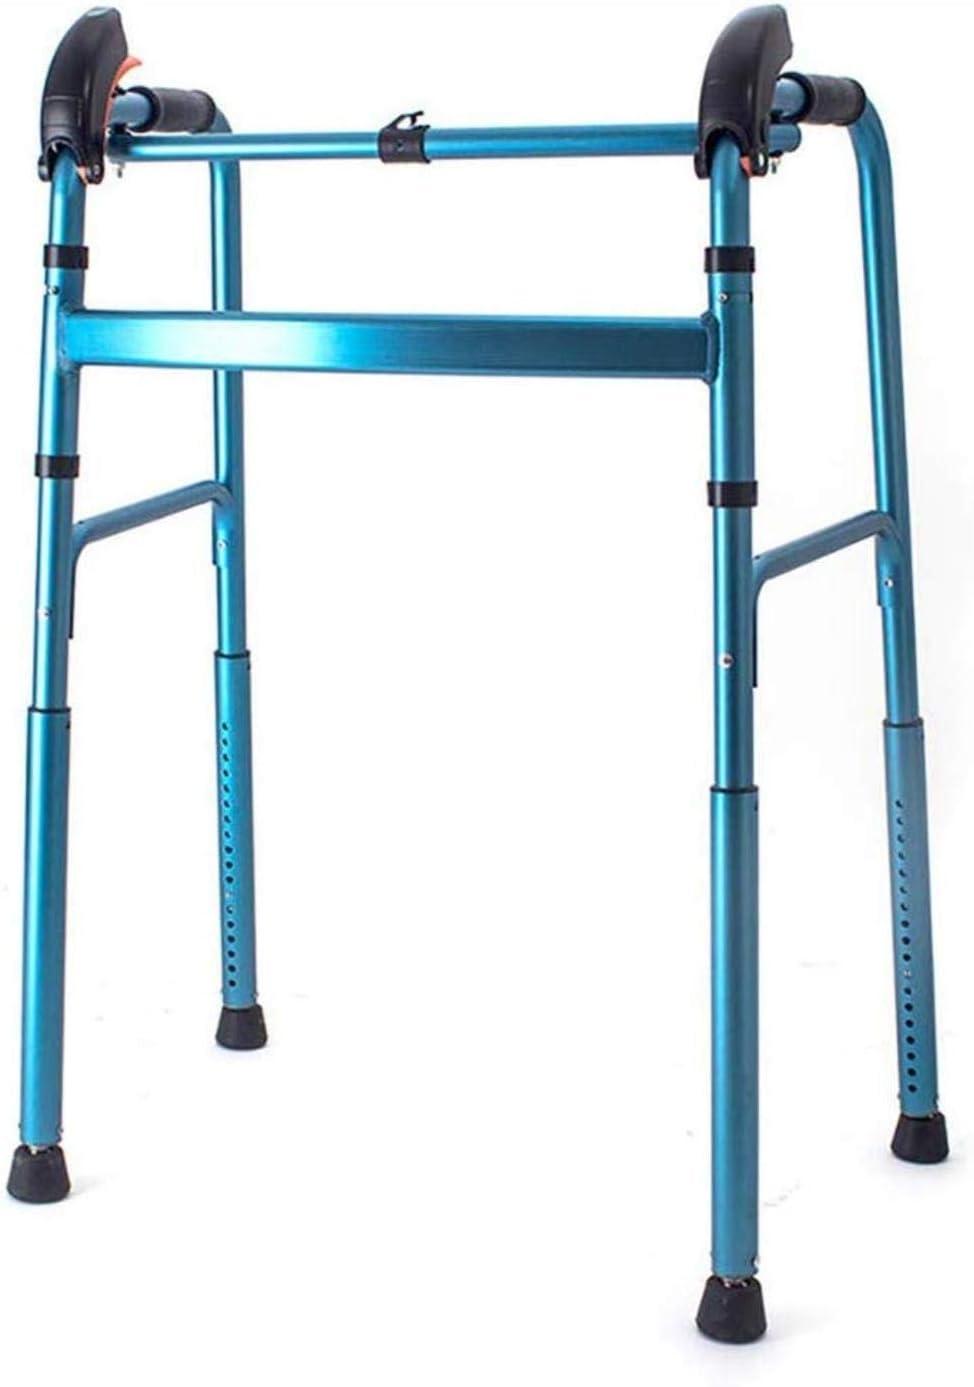 Walking Frame Aluminum Alloy Rollator Walkers Seniors unisex Long-awaited Foldin for